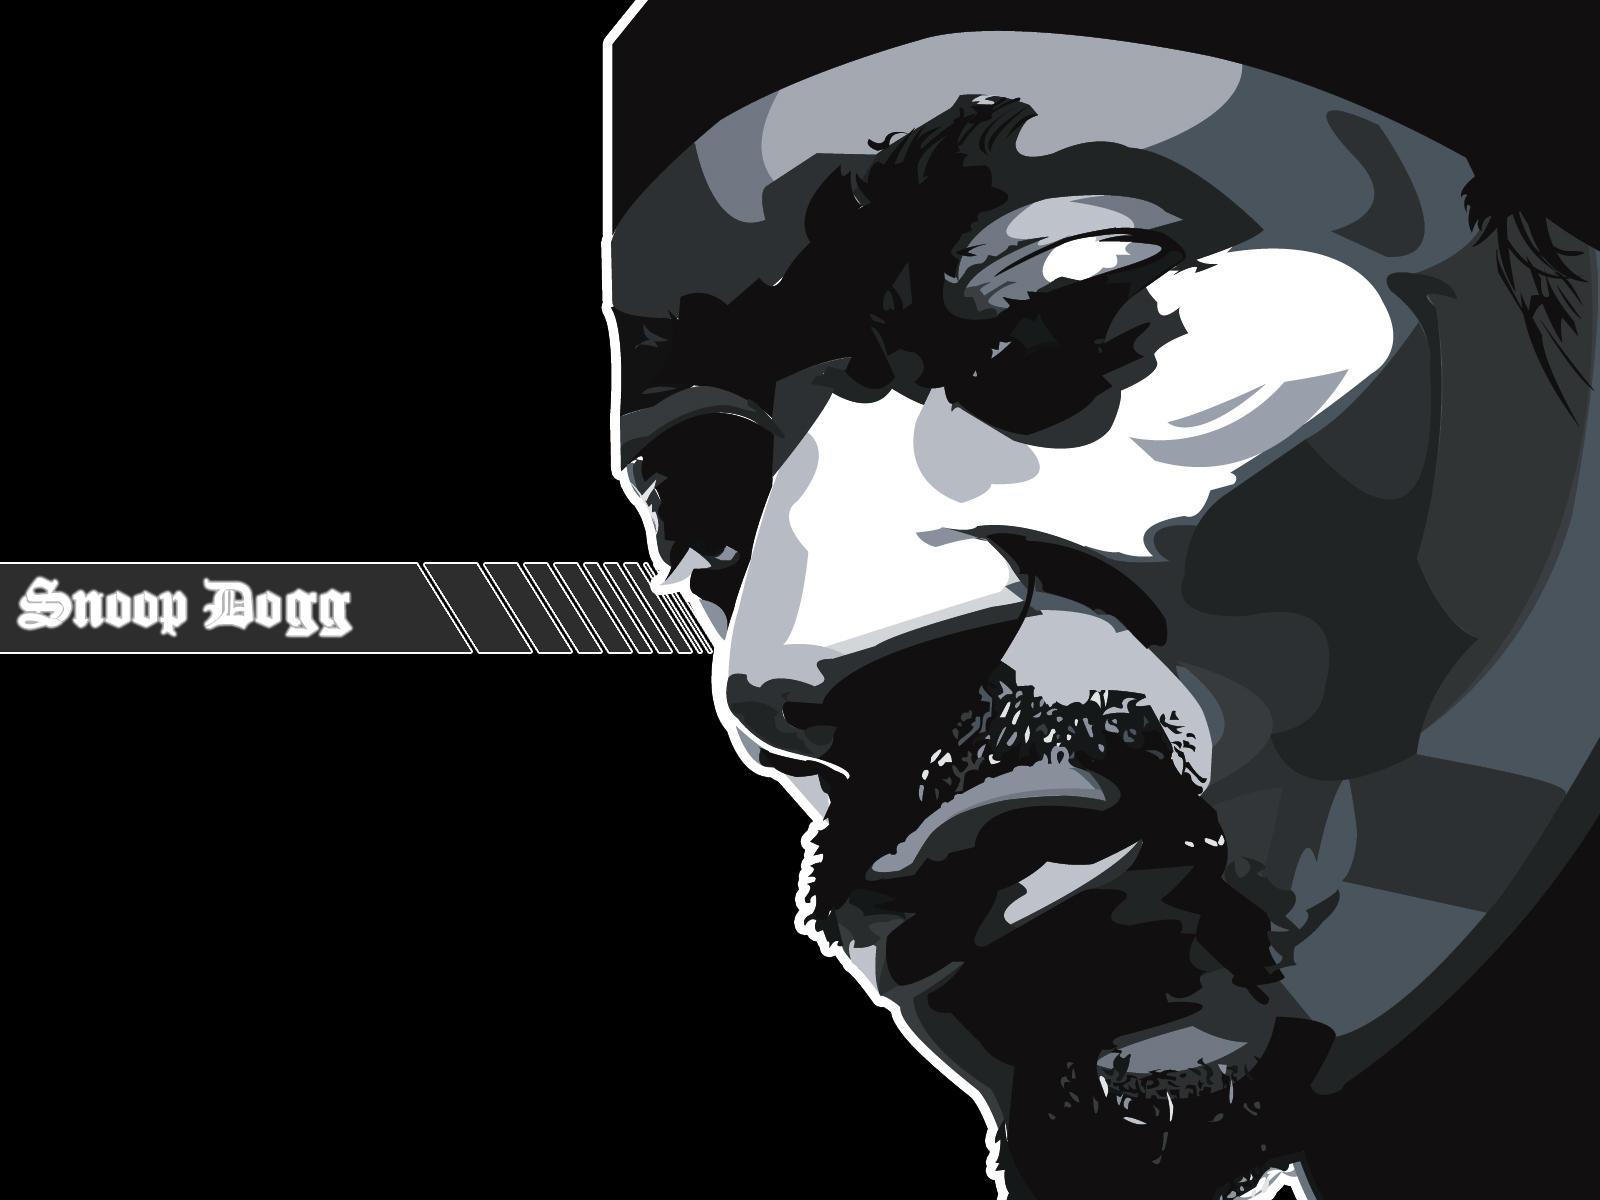 snoop dogg wallpaper black by bem69 on deviantart